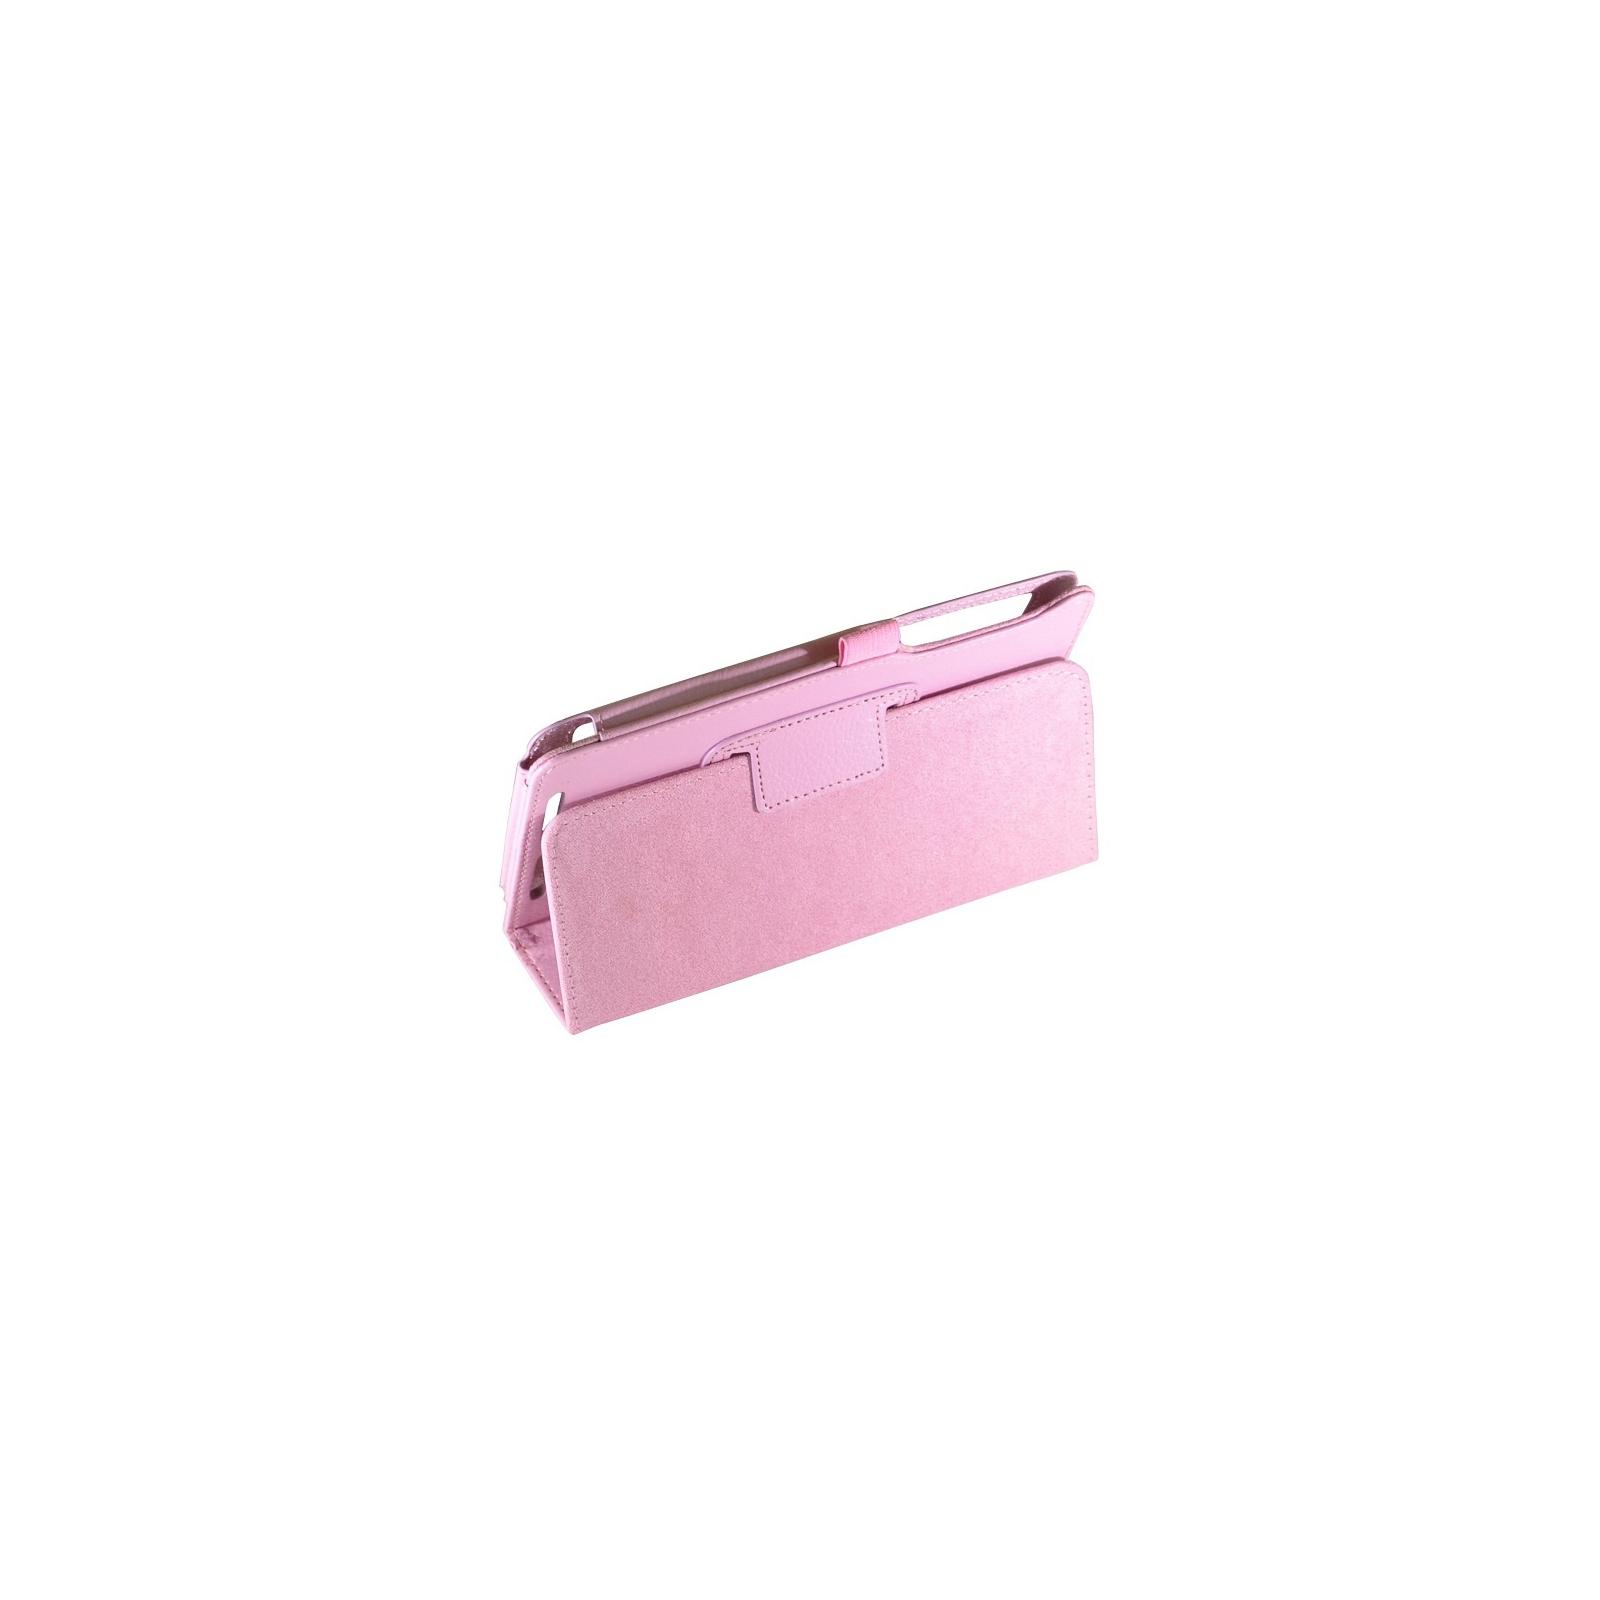 """Чехол для планшета Pro-case 7"""" Asus MeMOPad HD 7 ME176 pink (ME176p) изображение 4"""